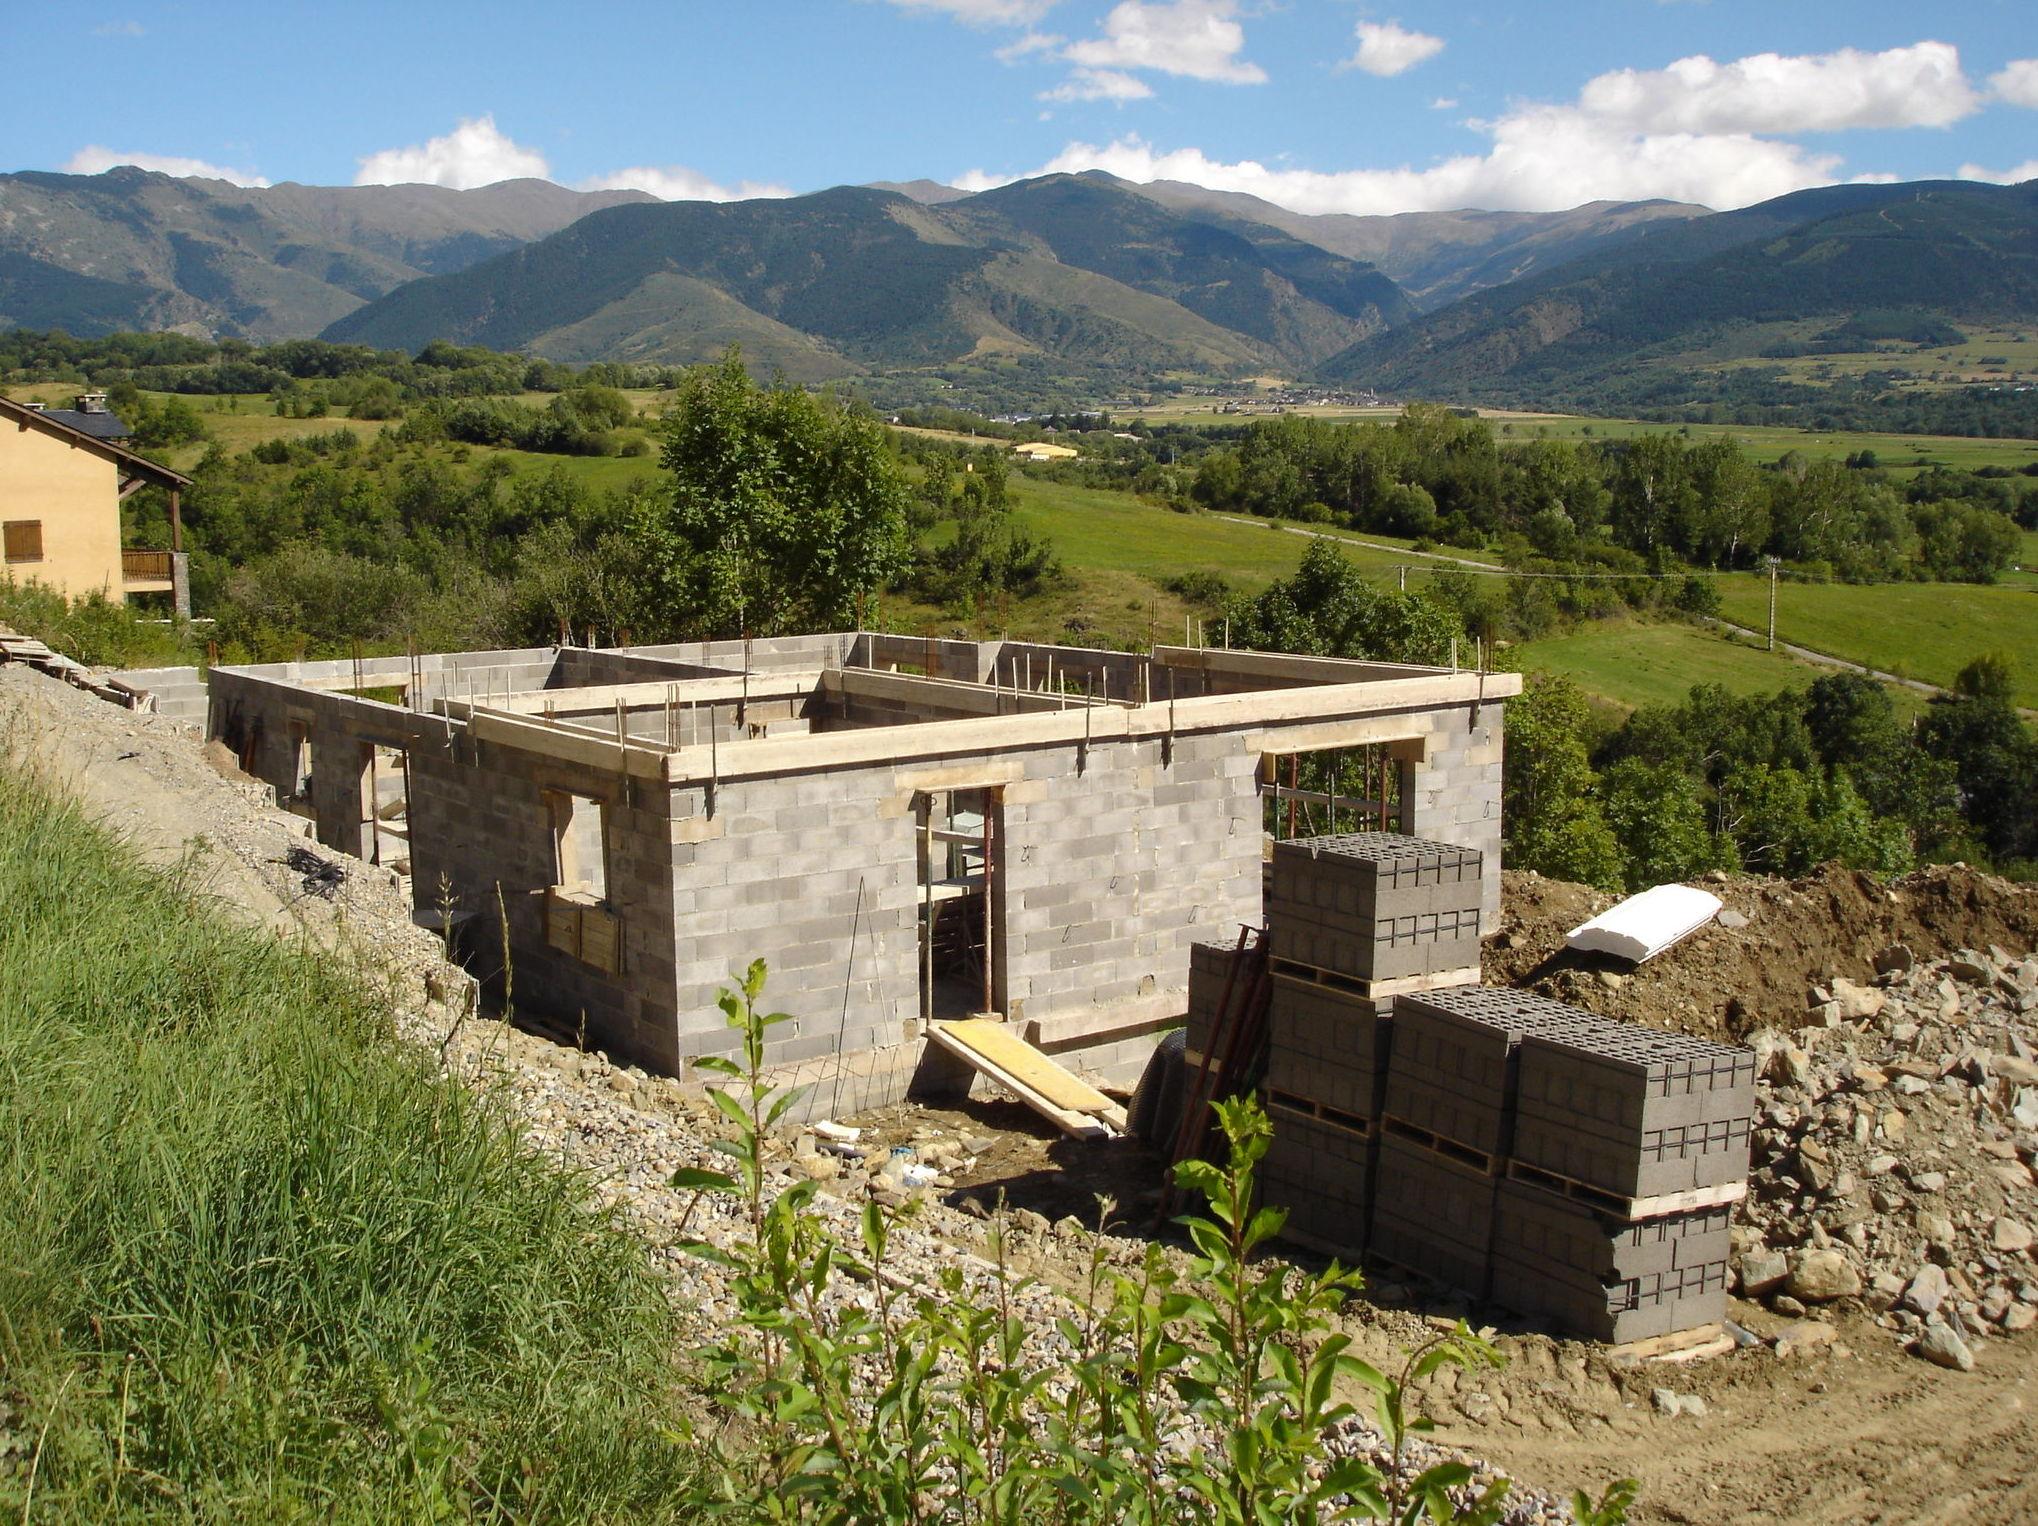 Empresa constructora situada en la localidad de Puigcerdá